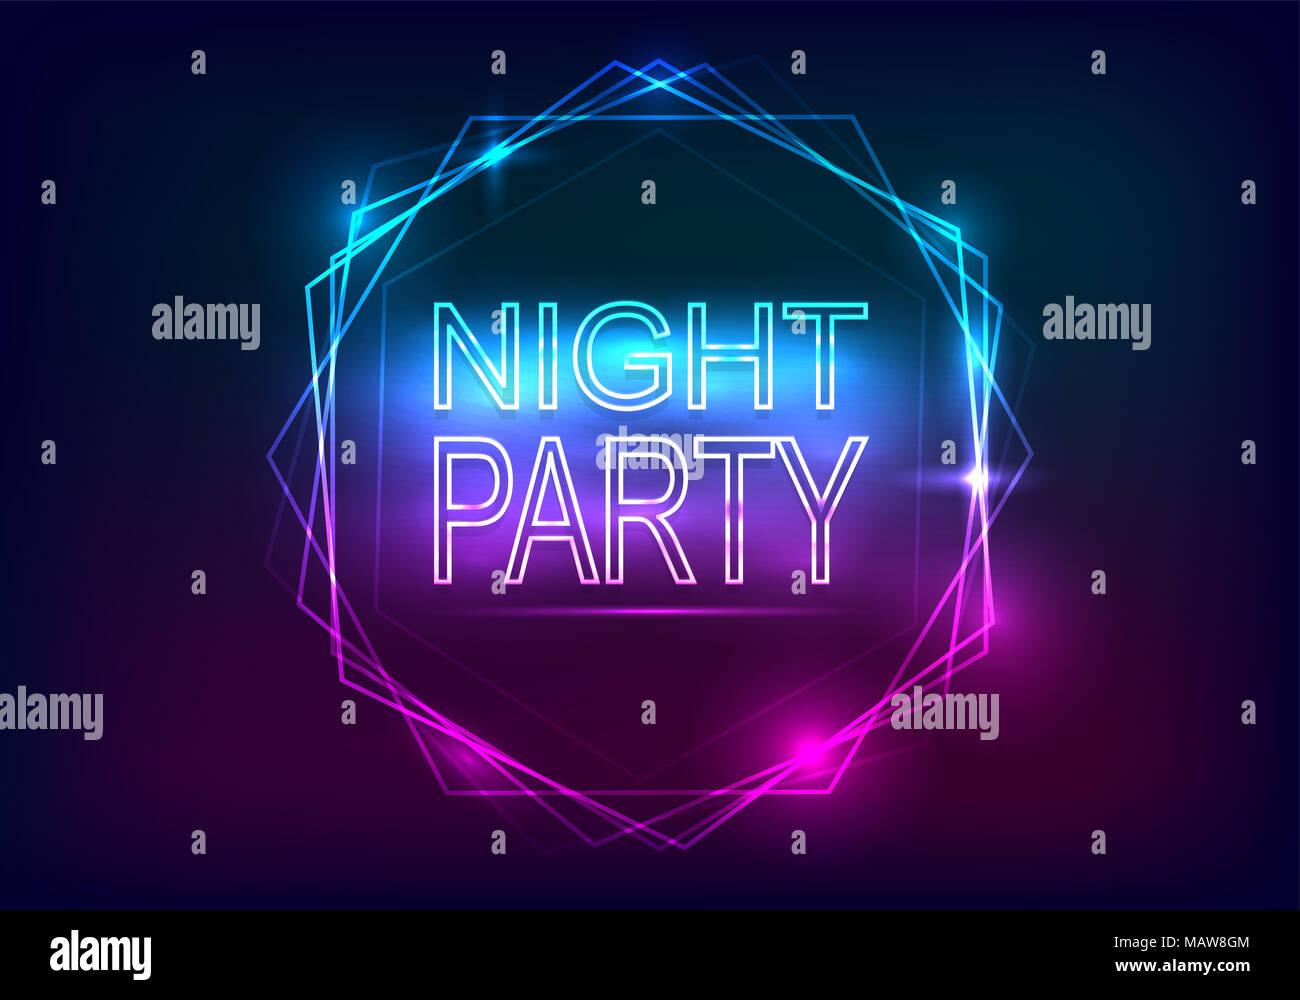 Nacht Party Werbung Vorlage. Neon Stil mit Lichtstrahlen und einen ...